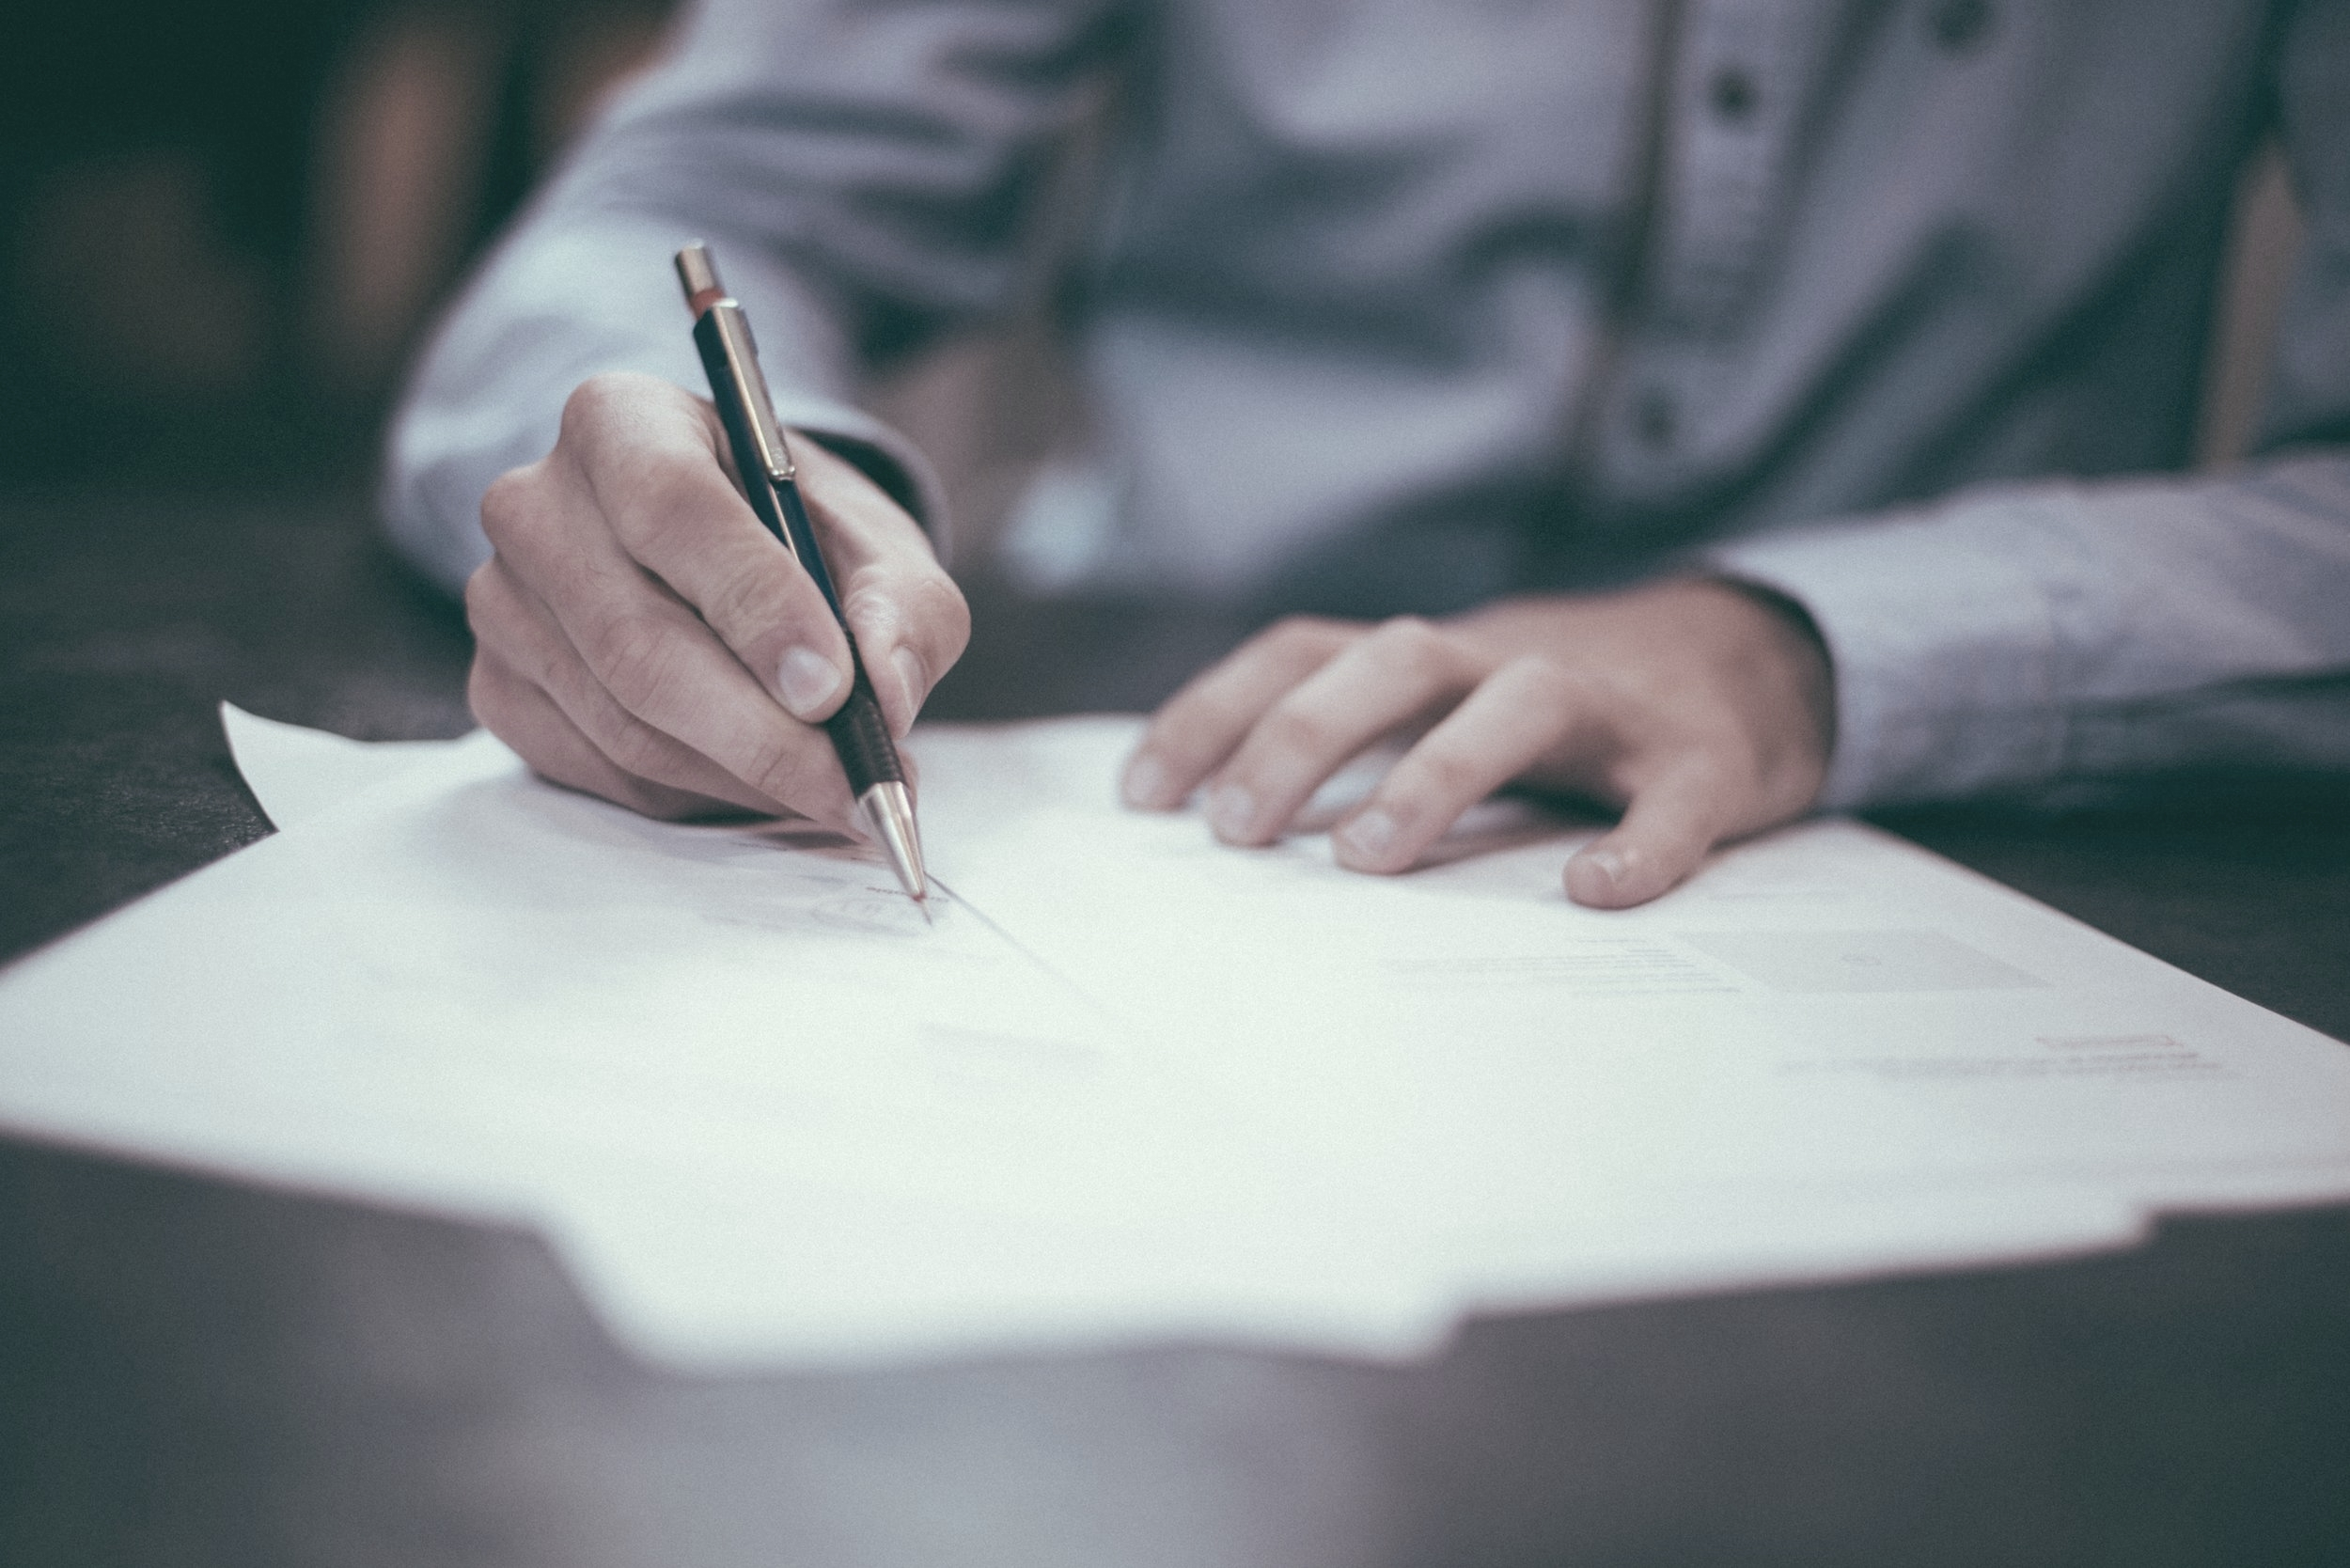 Kontrakter i længerevarende samarbejdsforhold - I denne artikel kan du læse nærmere om nogle udvalgte emner, der erfaringsmæssigt bør tildeles særlig opmærksomhed, når der indgås kontrakter i længerevarende samarbejdsforhold.